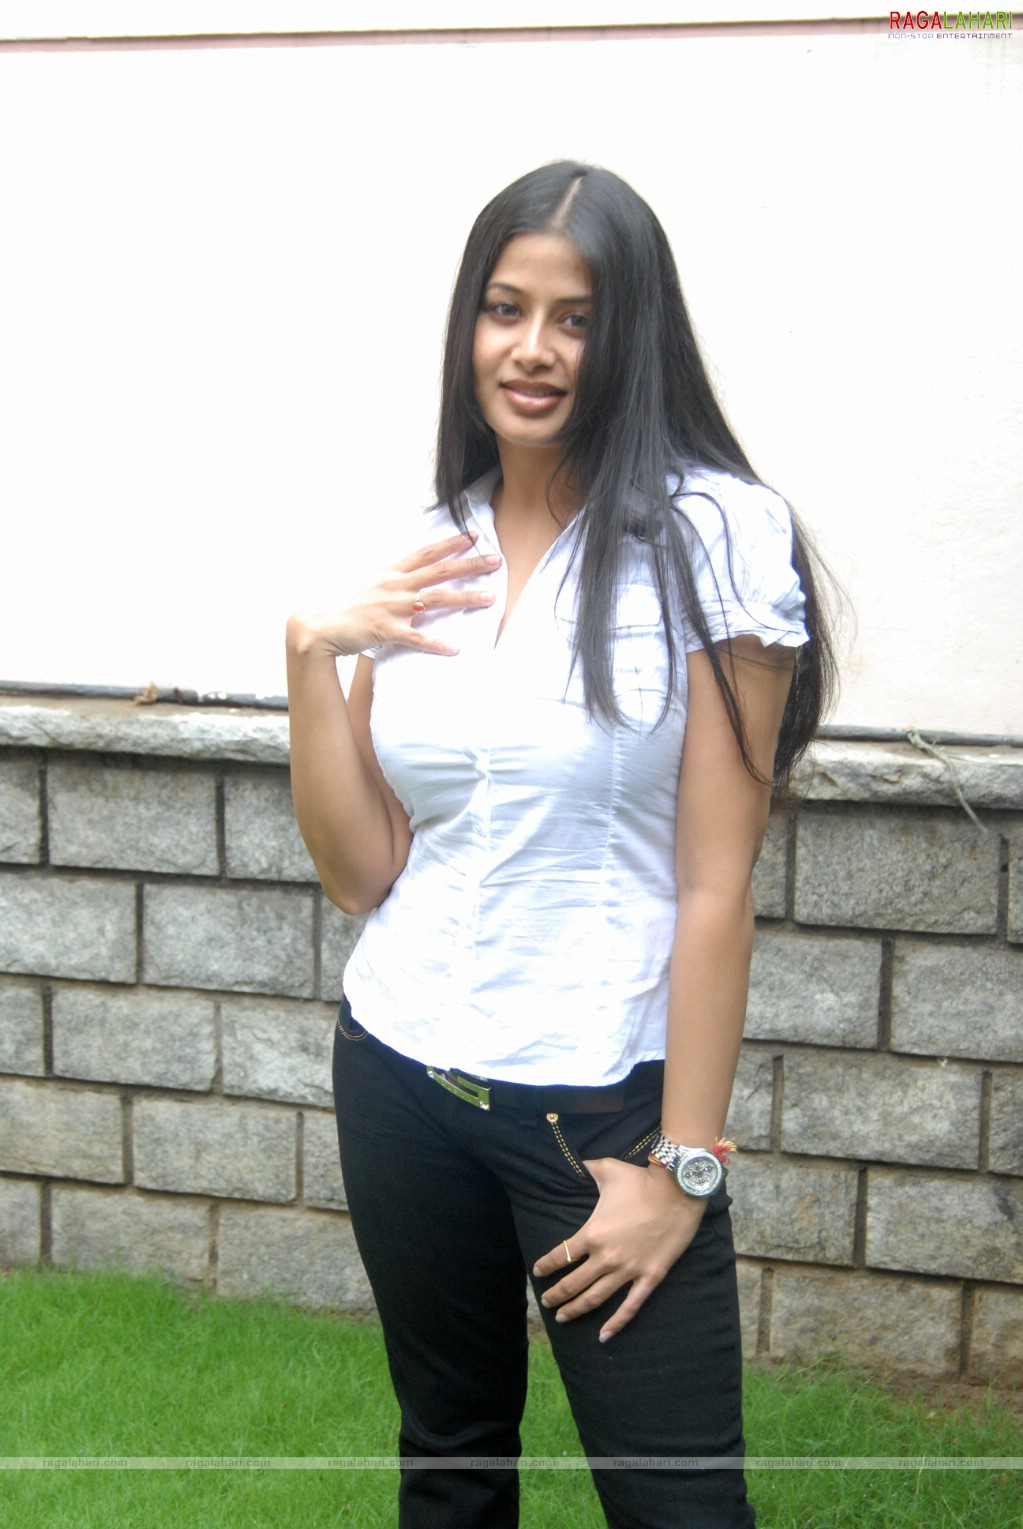 http://1.bp.blogspot.com/-P5cTbBfgtOA/TcDXCn6oMYI/AAAAAAAAHzI/j9BfOplpN6Q/s1600/sangeeta918-0016Indian%2BMasala_01indianmasala.blogspot.com.jpg